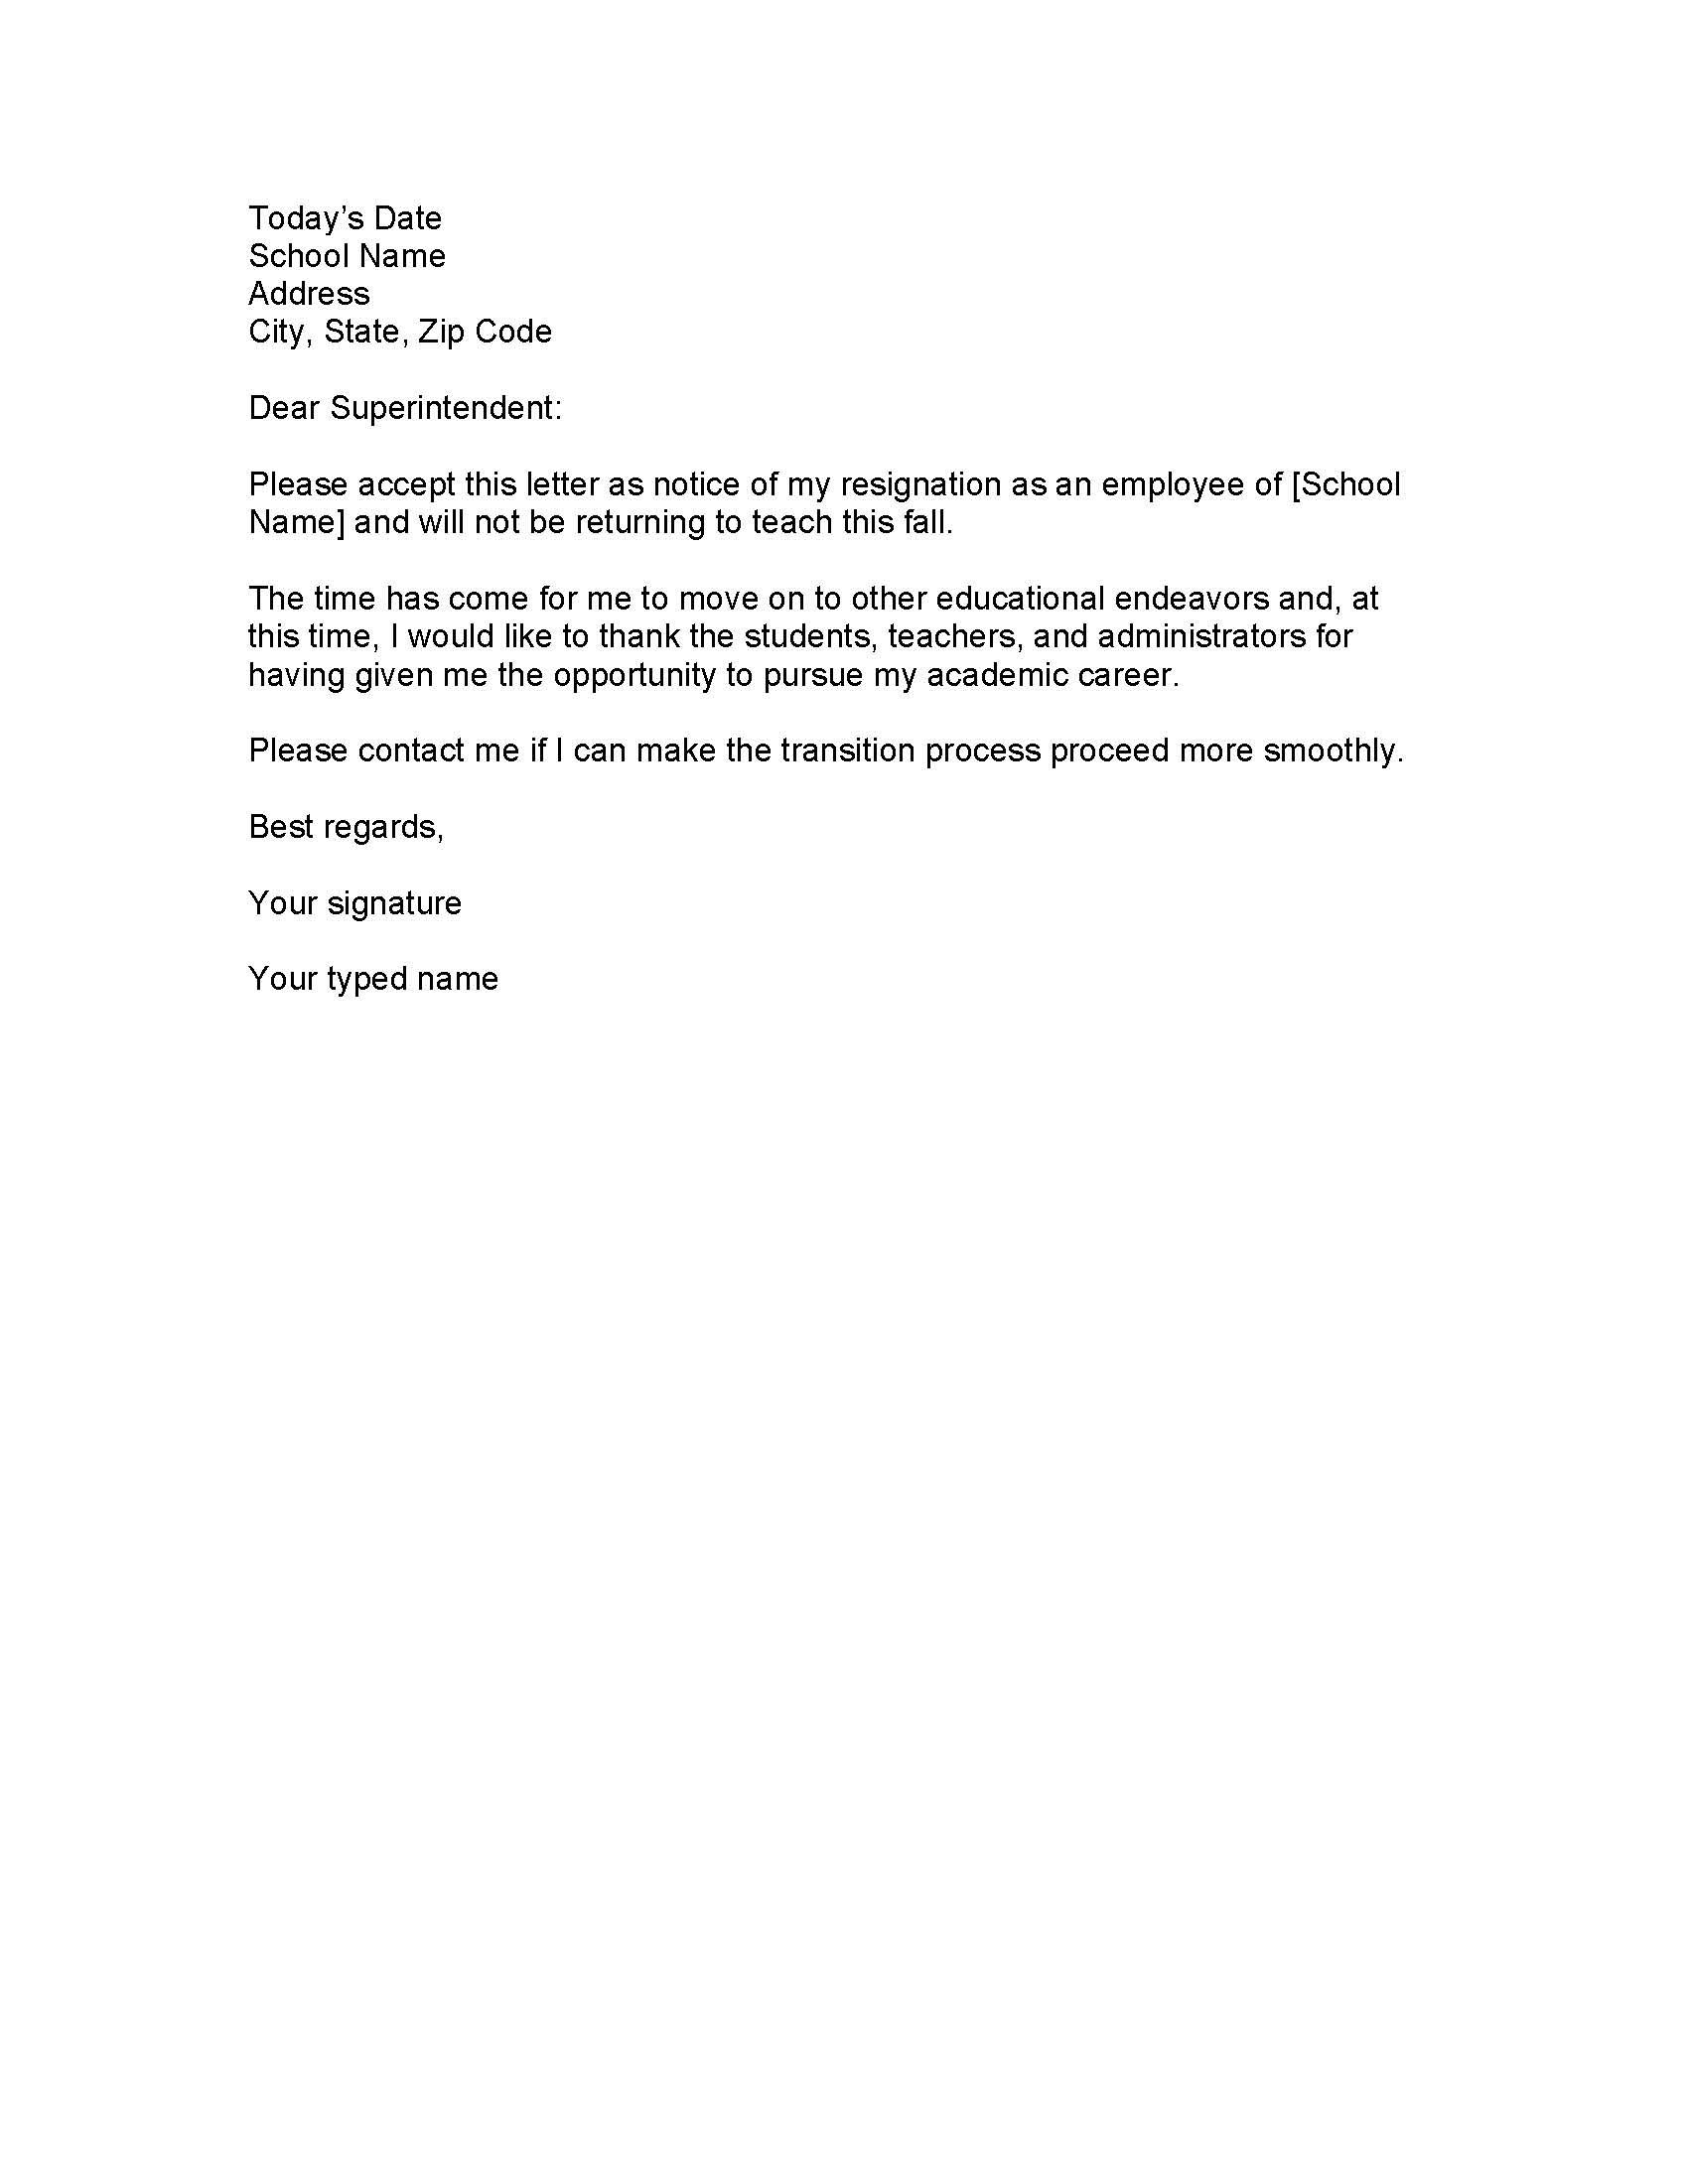 sample cover letter for job application for teacher